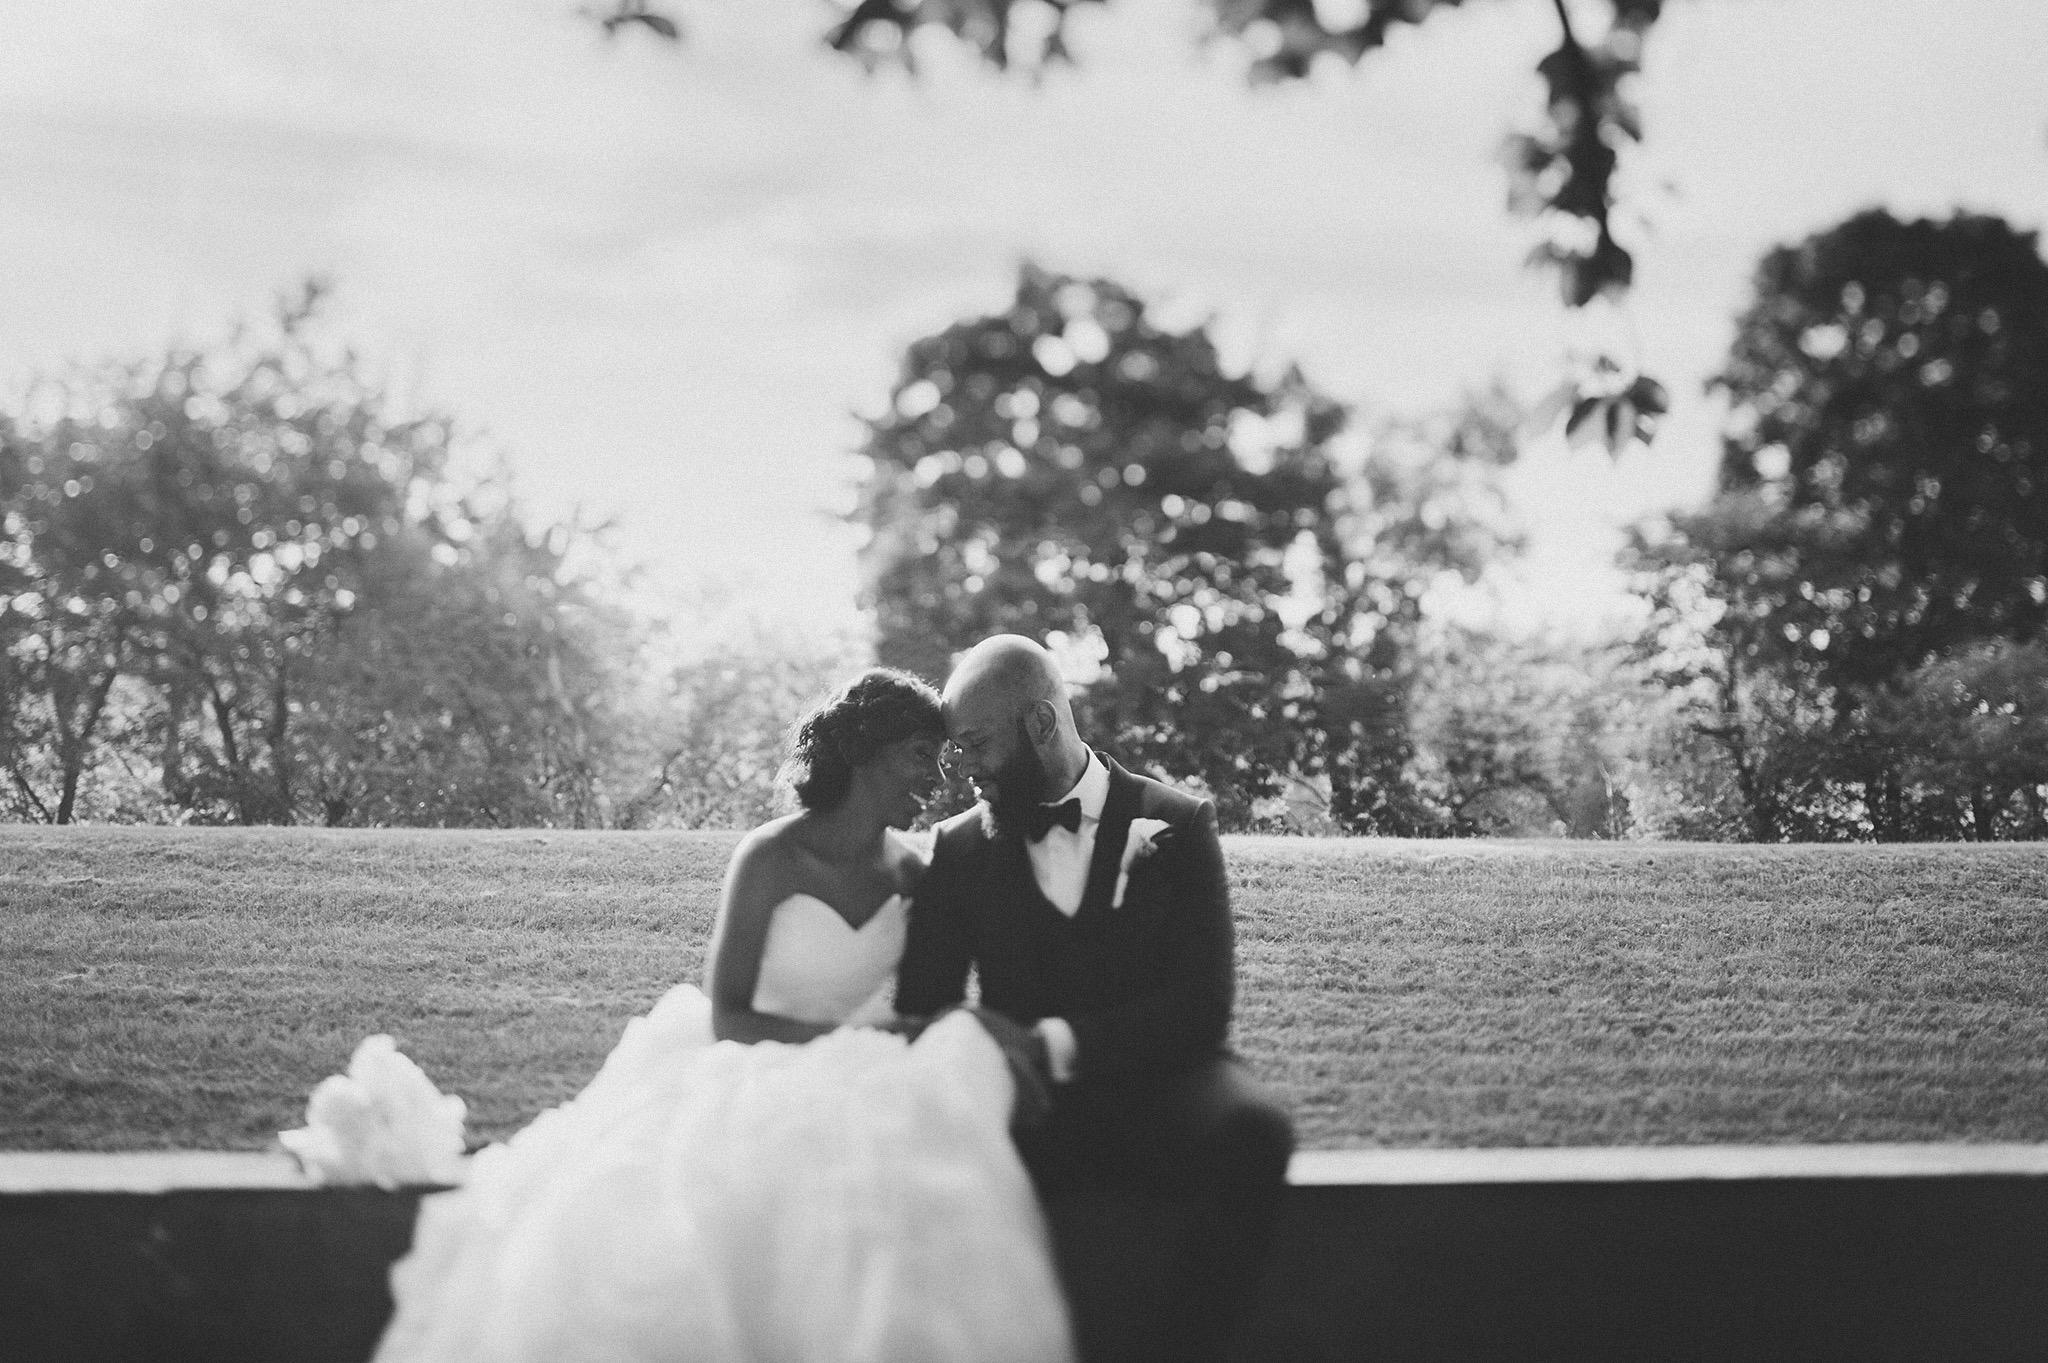 59-bride-and-groom-tiltshift.jpg